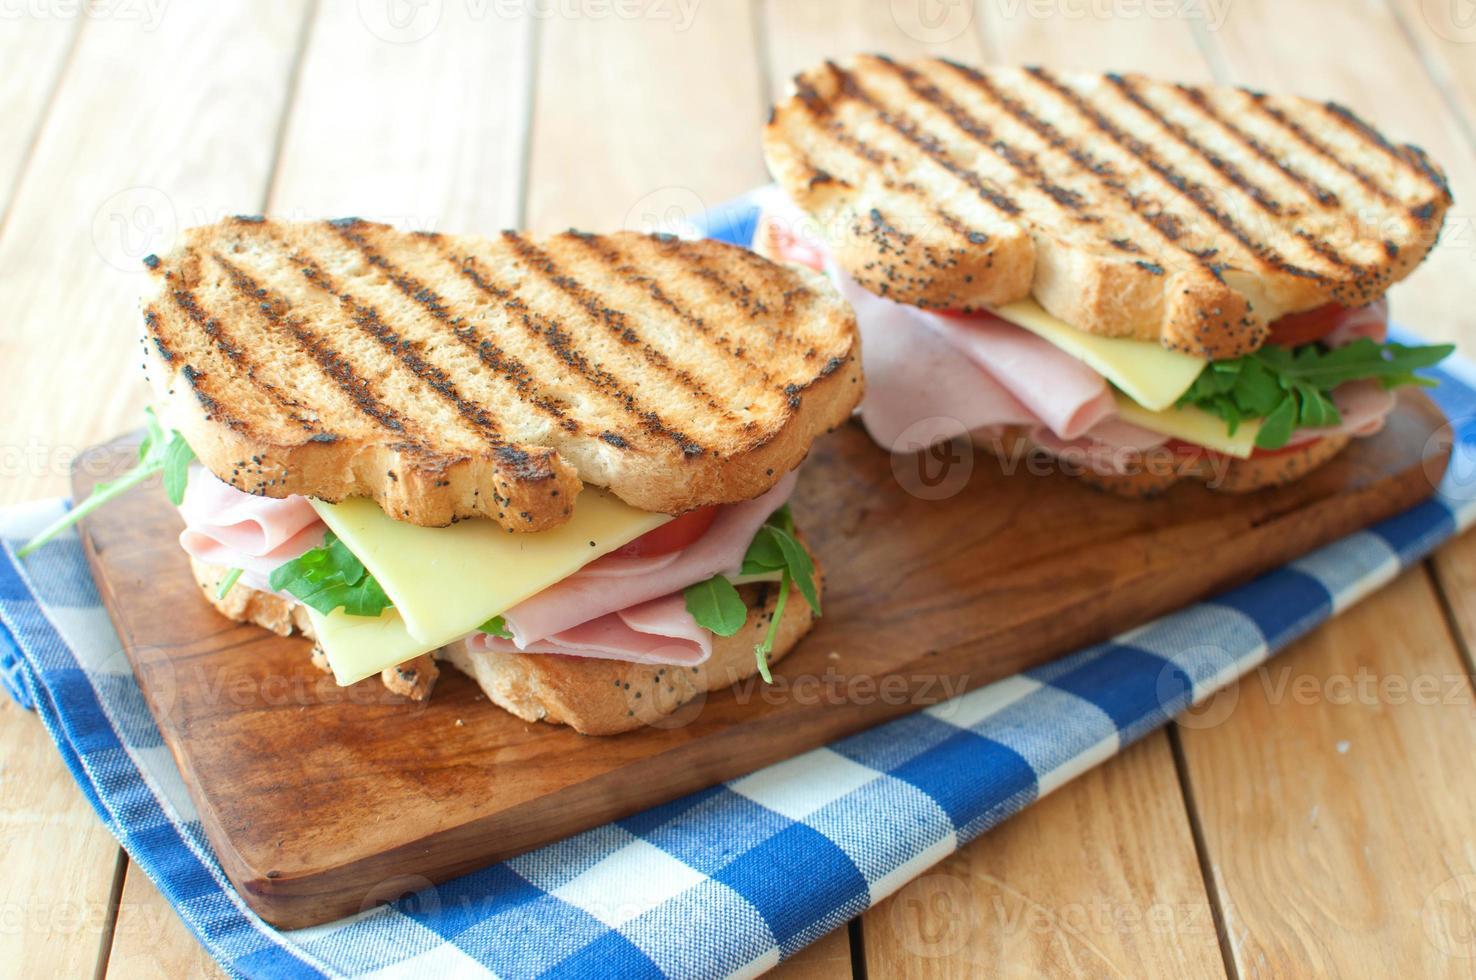 sándwiches a la parrilla foto